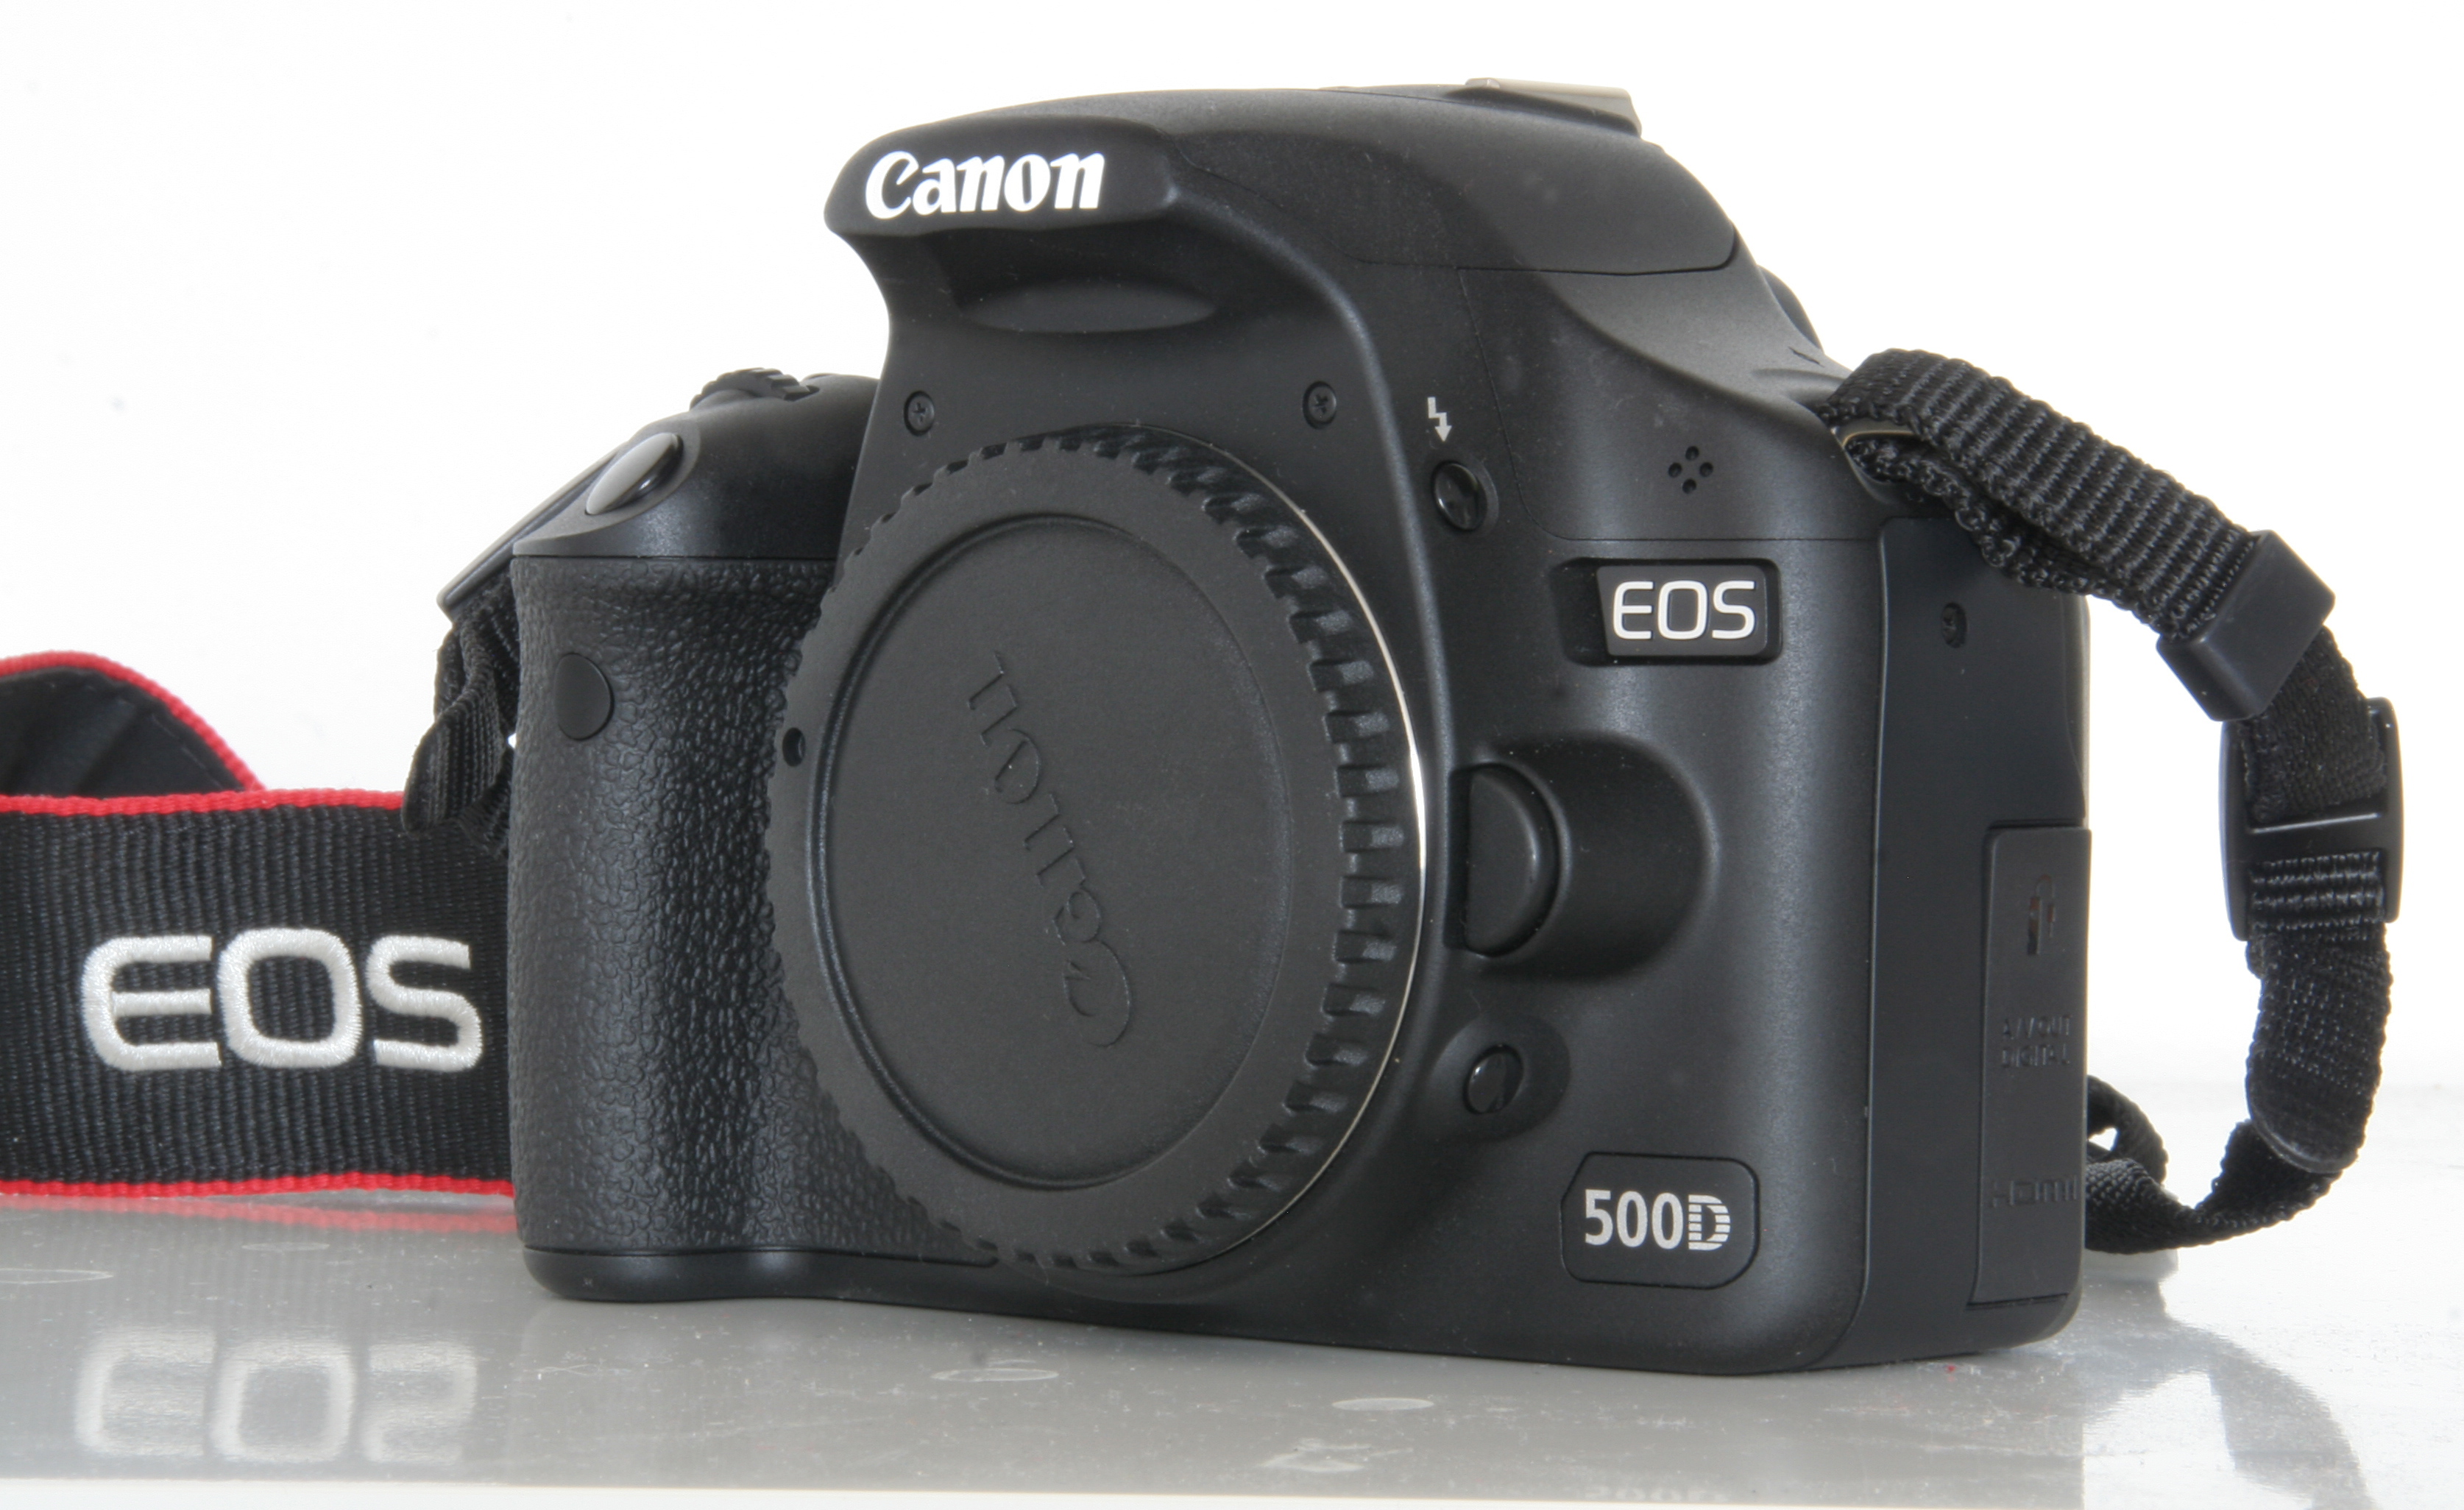 Canon EOS 500D - Wikipedia